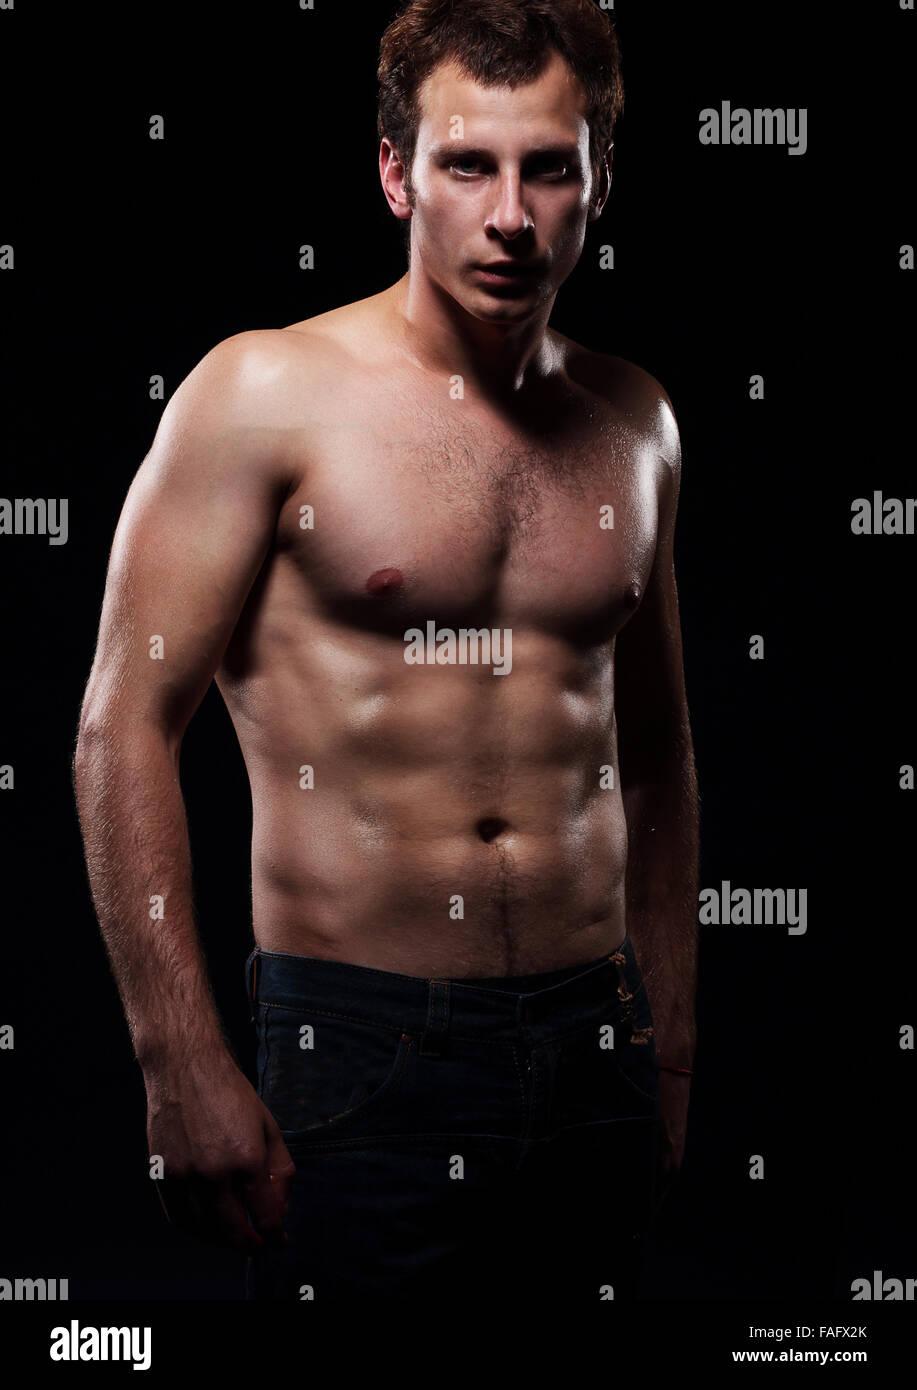 Der schöne und starke junge Mann.  Foto-Shooting im Studio, dunklen Hintergrund. Stockbild